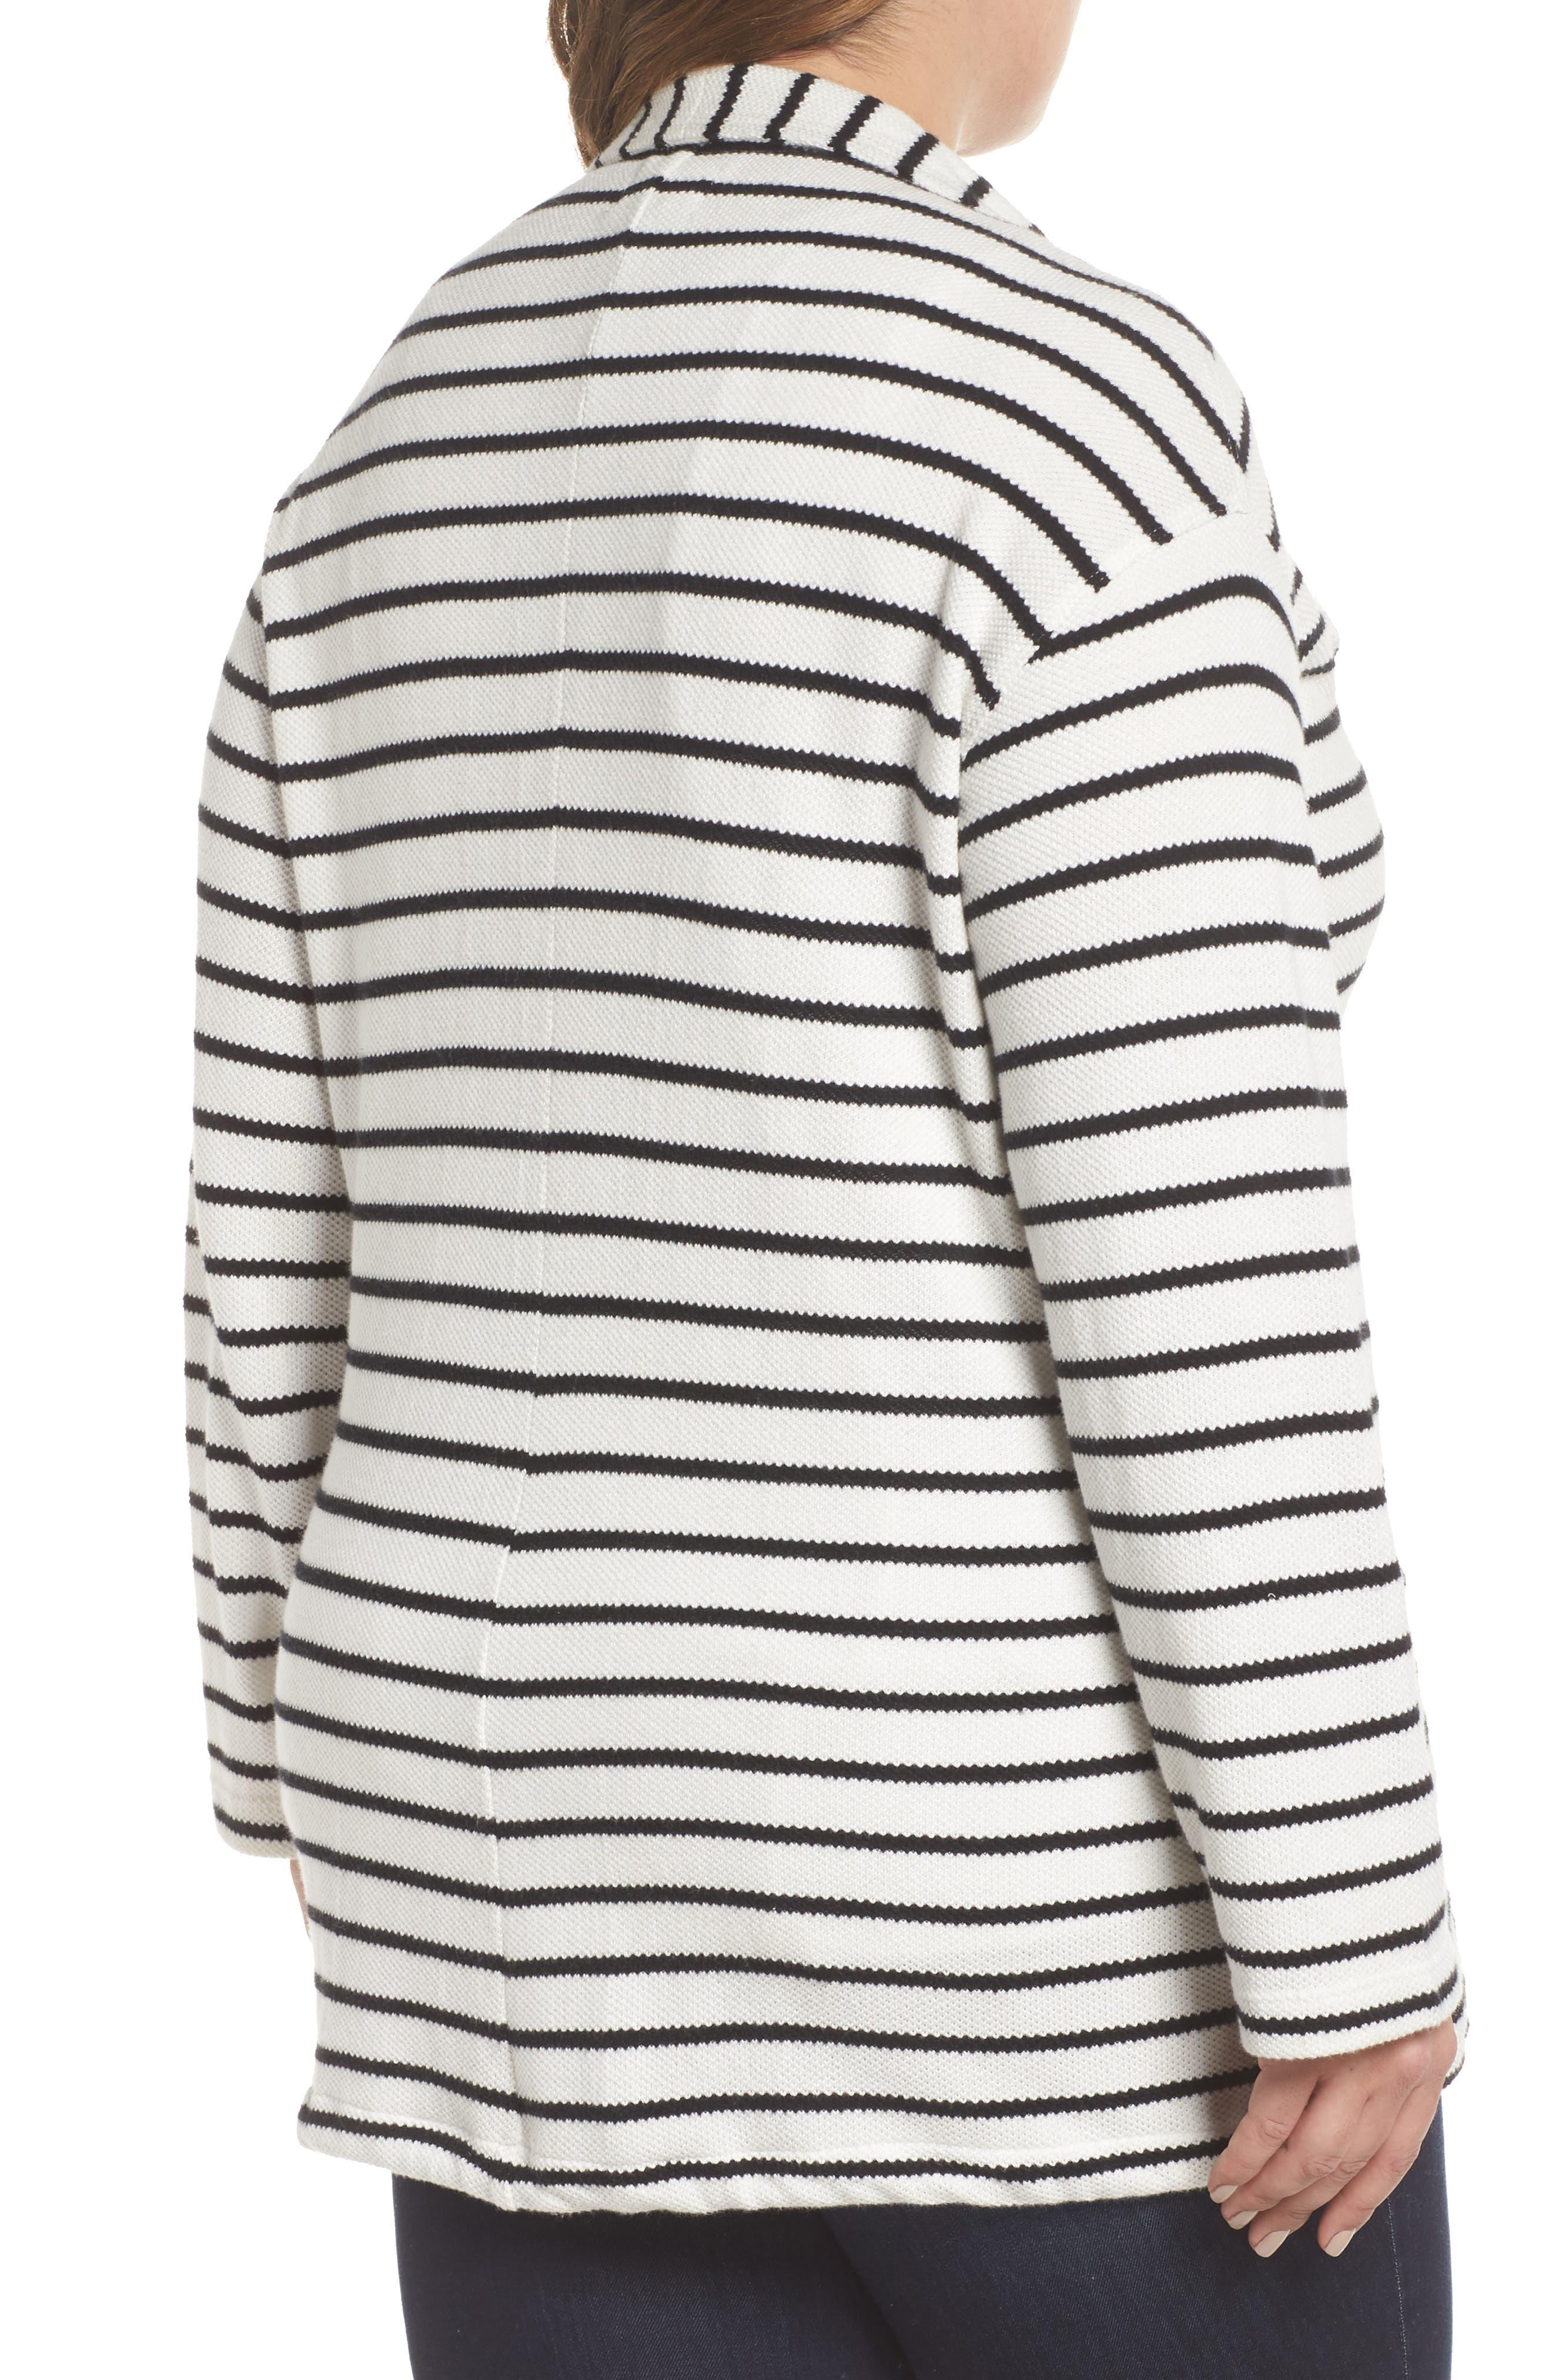 Stripe Peacoat Knit Jacket,                             Alternate thumbnail 2, color,                             Ivory- Black Stripe